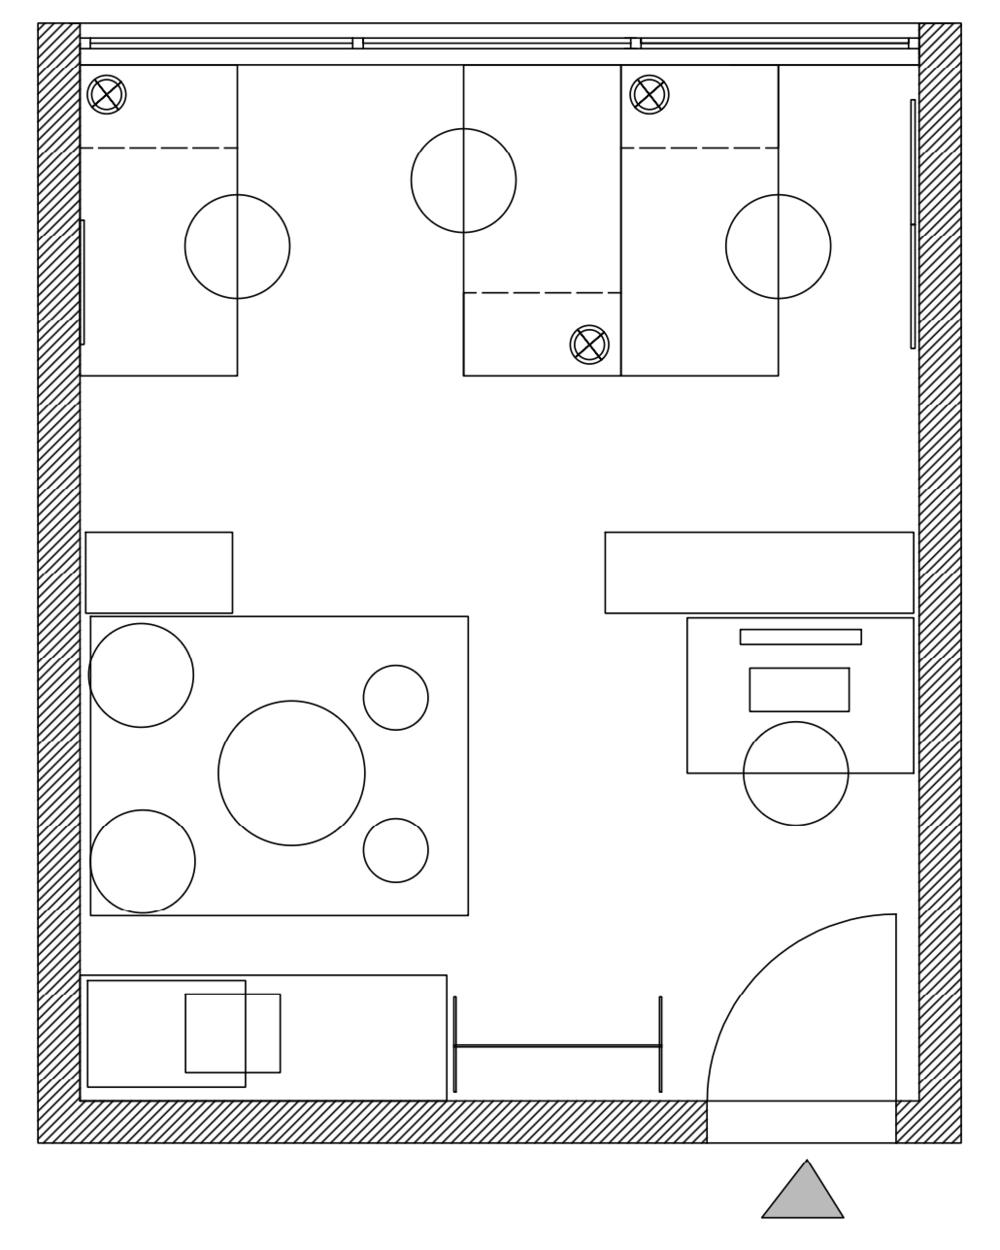 poke-pisarna-tloris- notranje oblikovanje.jpg